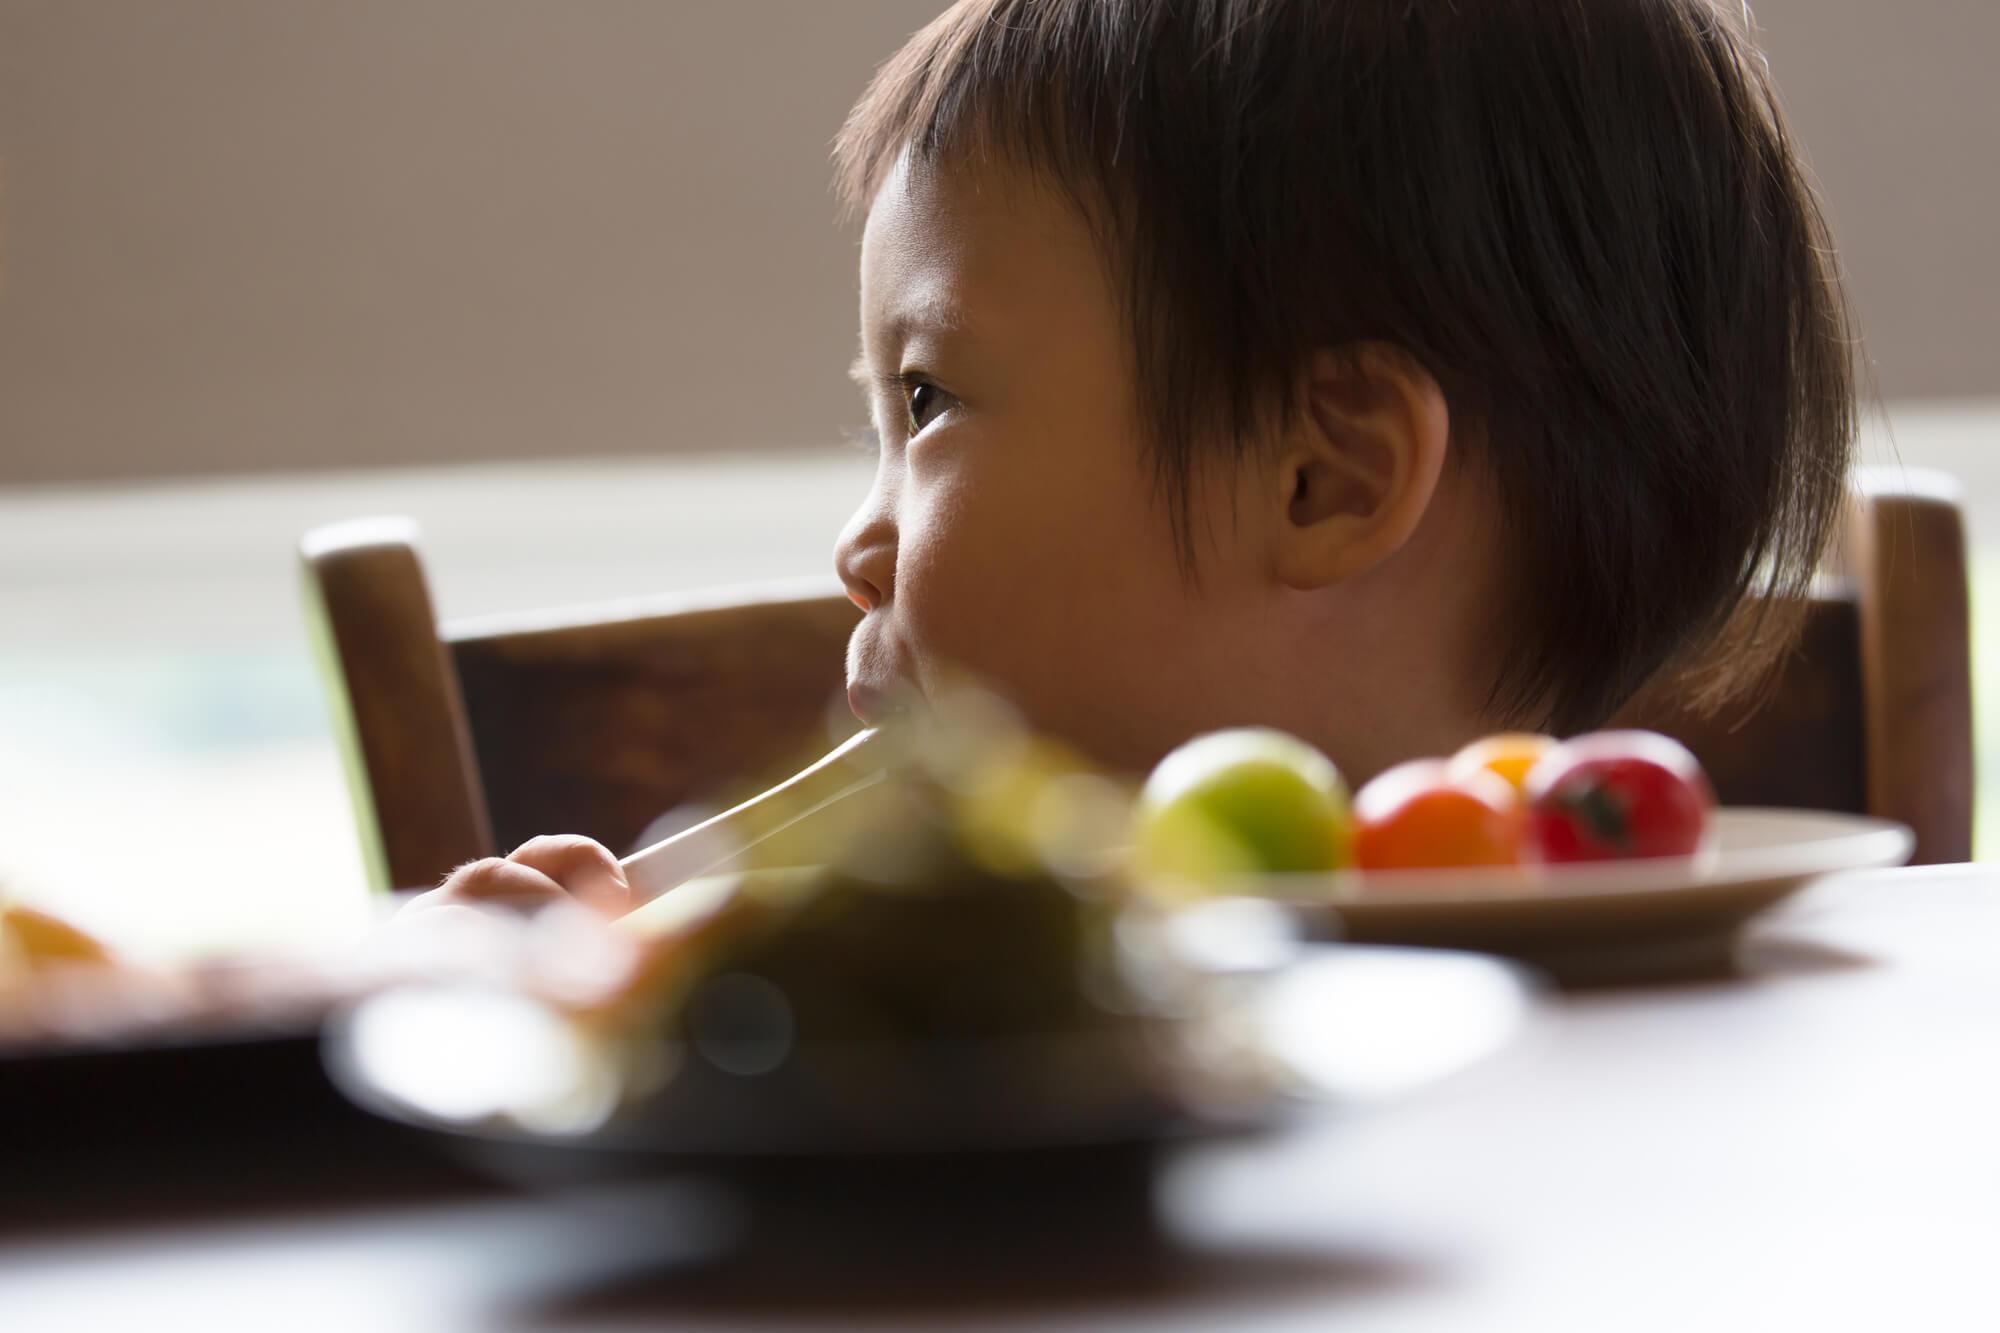 食事中の幼児